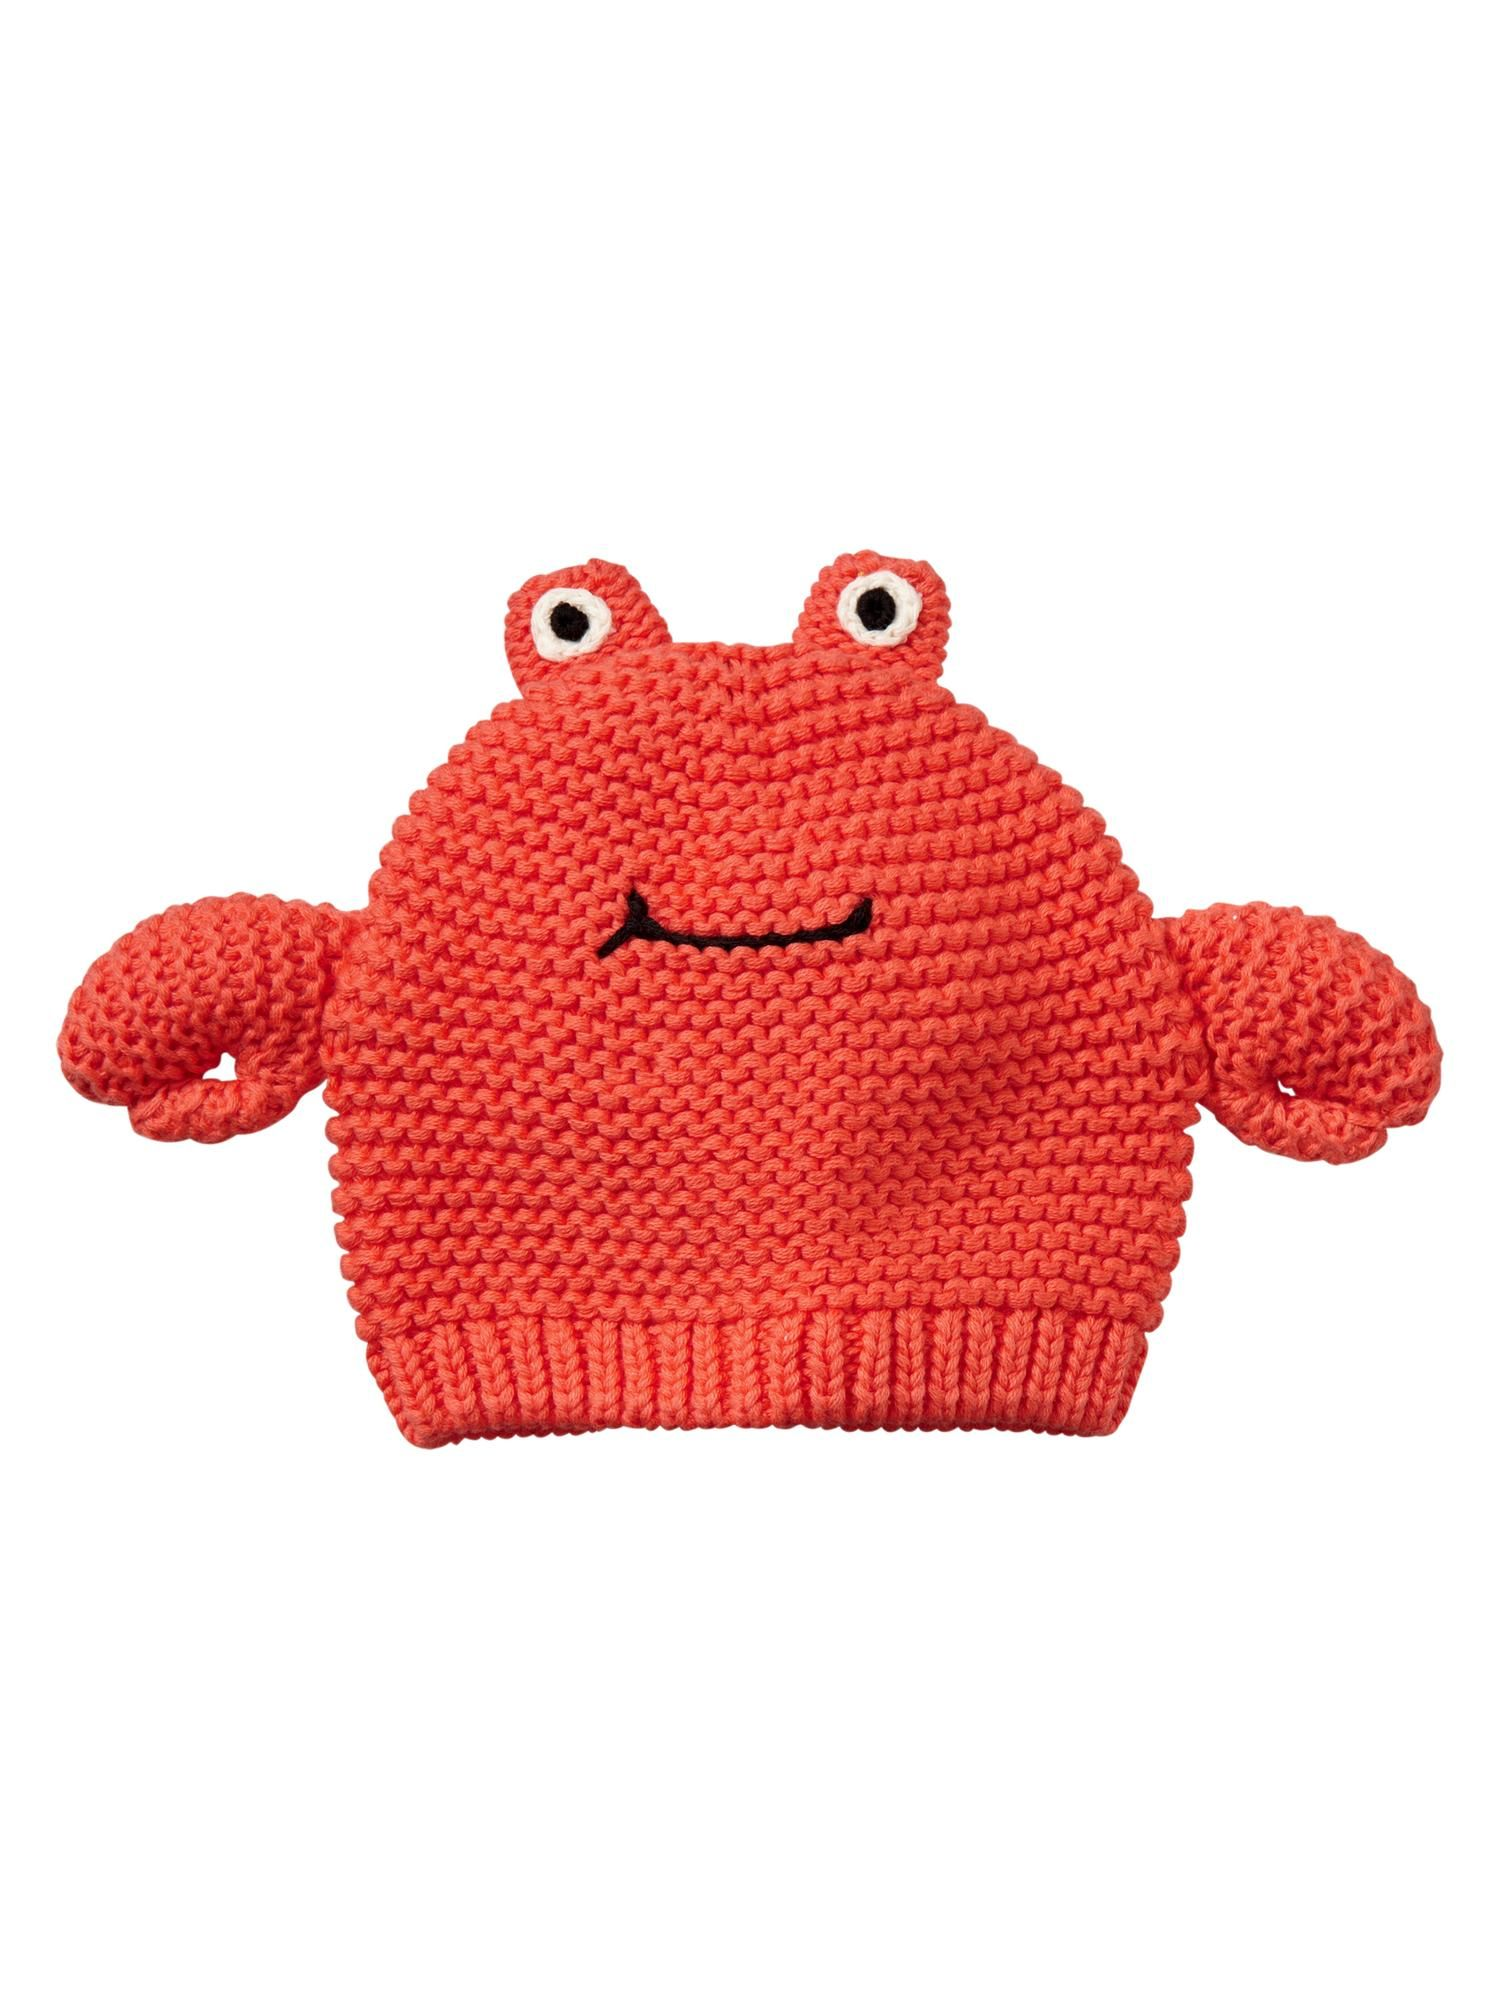 0c7aaf70836 Crab hat